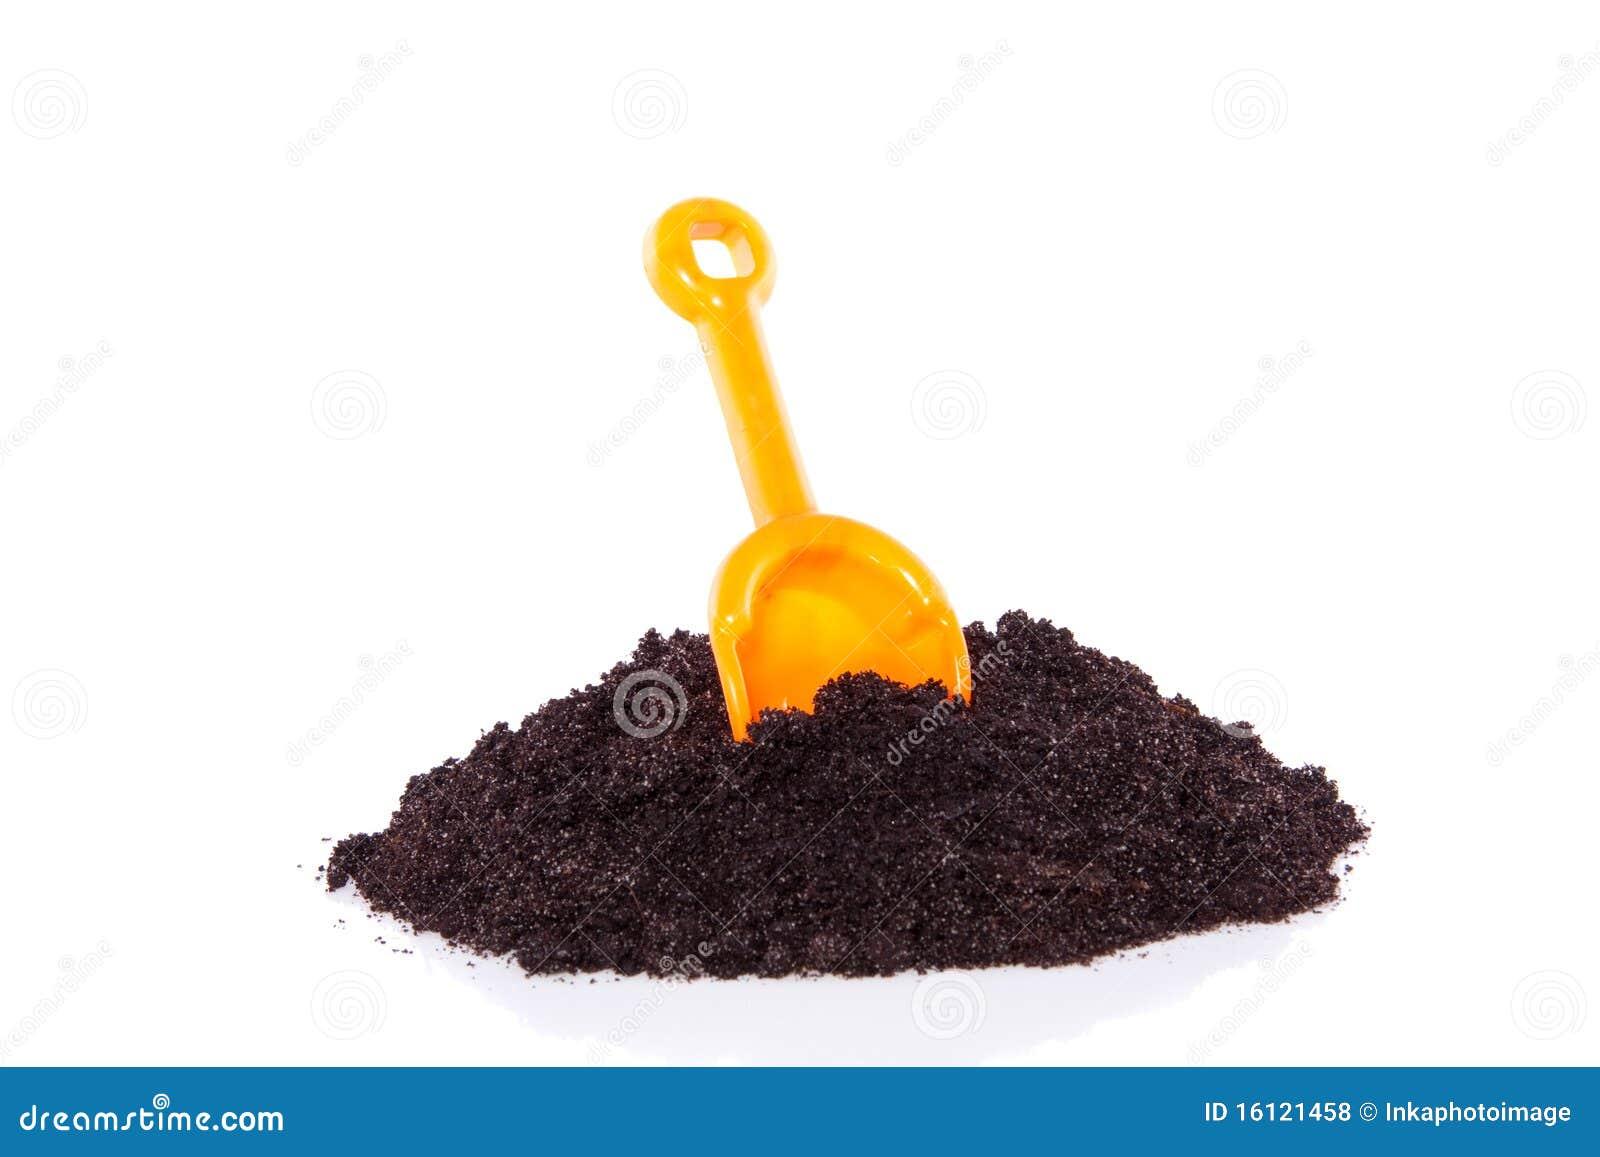 从事园艺的土壤工具